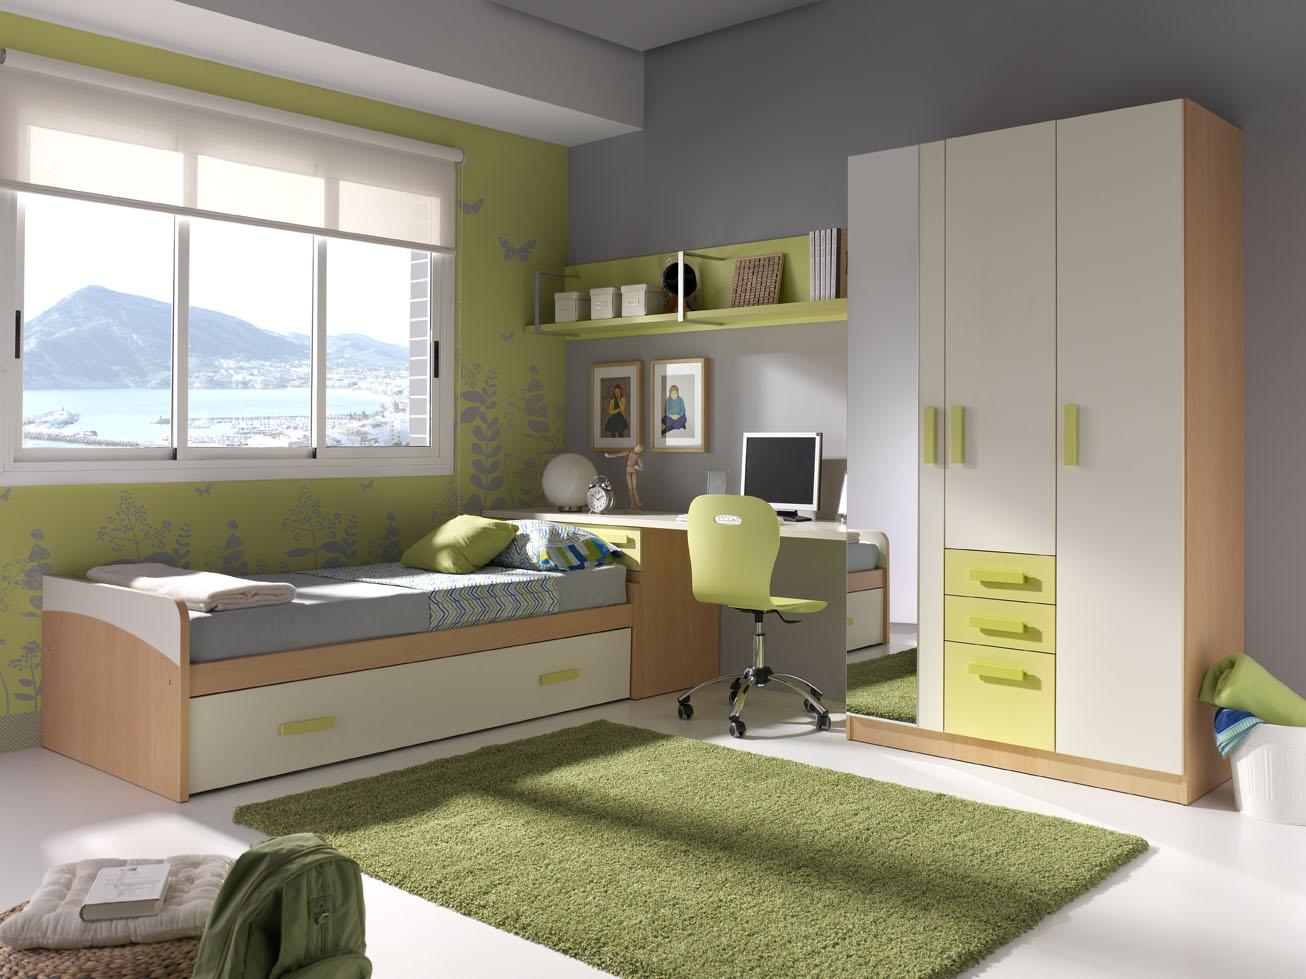 Colores De Juveniles Dormitorio Juvenil With Colores De Juveniles  # Muebles Lujosos Y Modernos